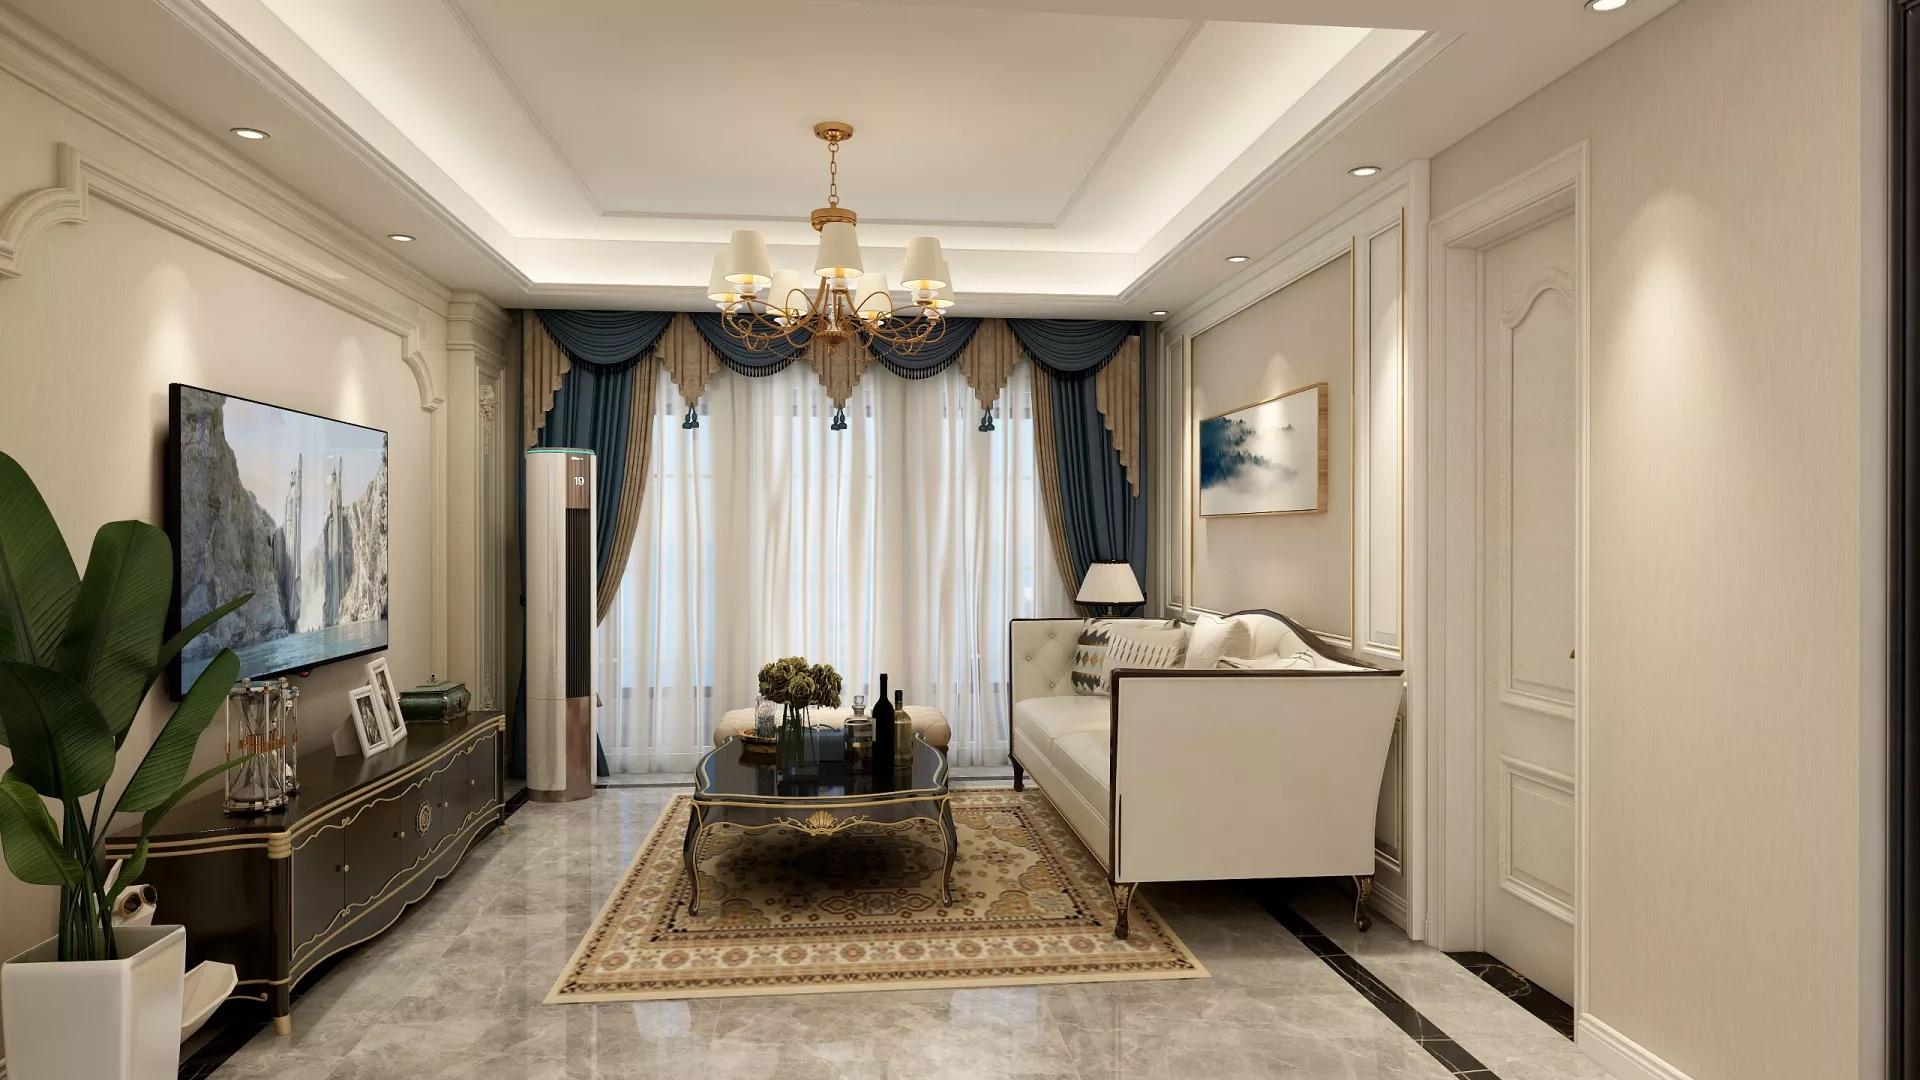 室內港式家裝風格有什么特點?室內港式裝修風格特色什么?